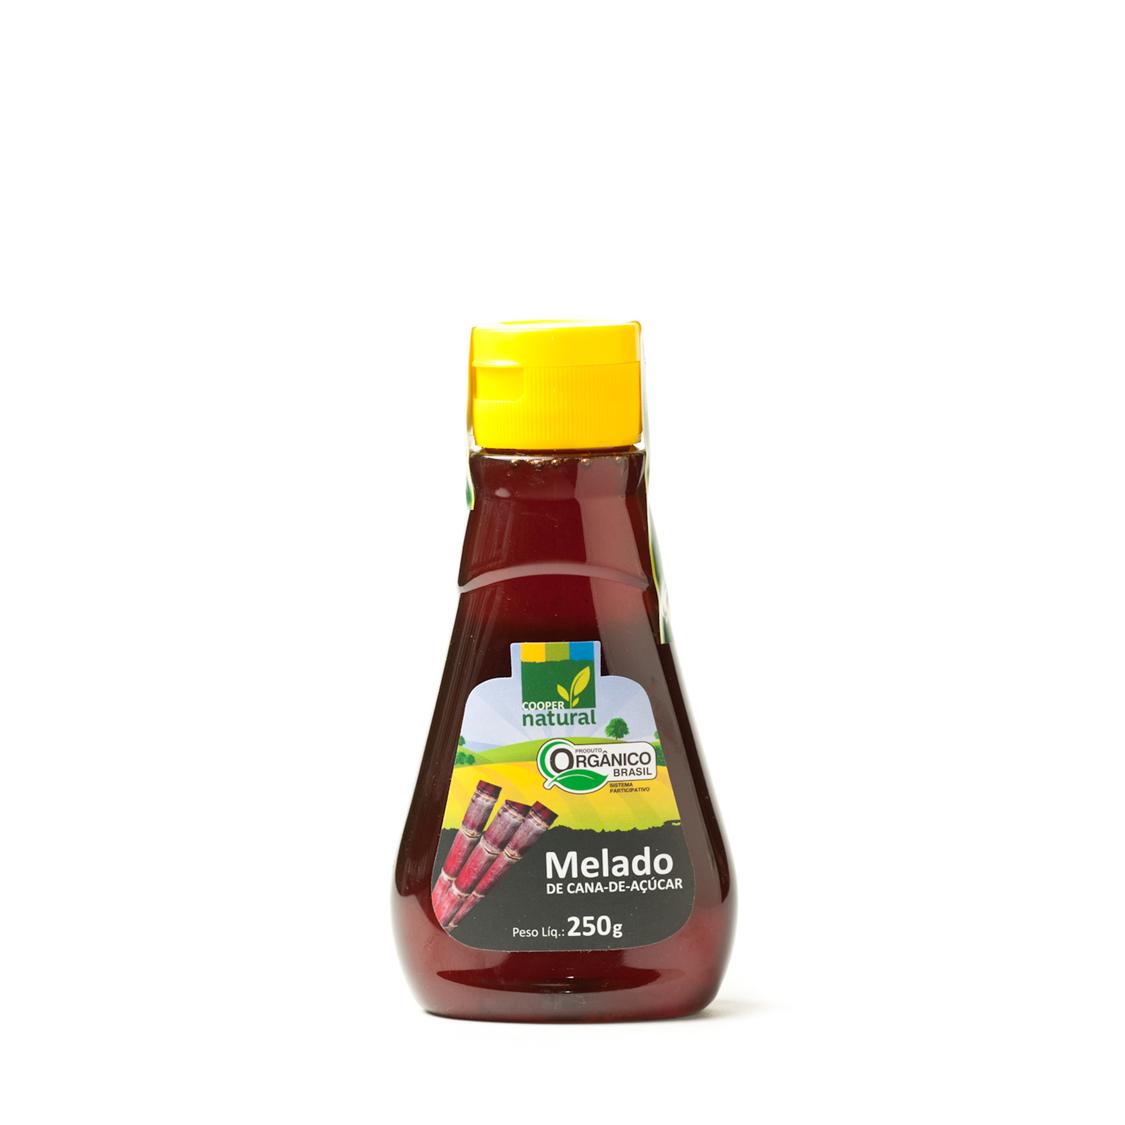 Melado (250g) – Coopernatural